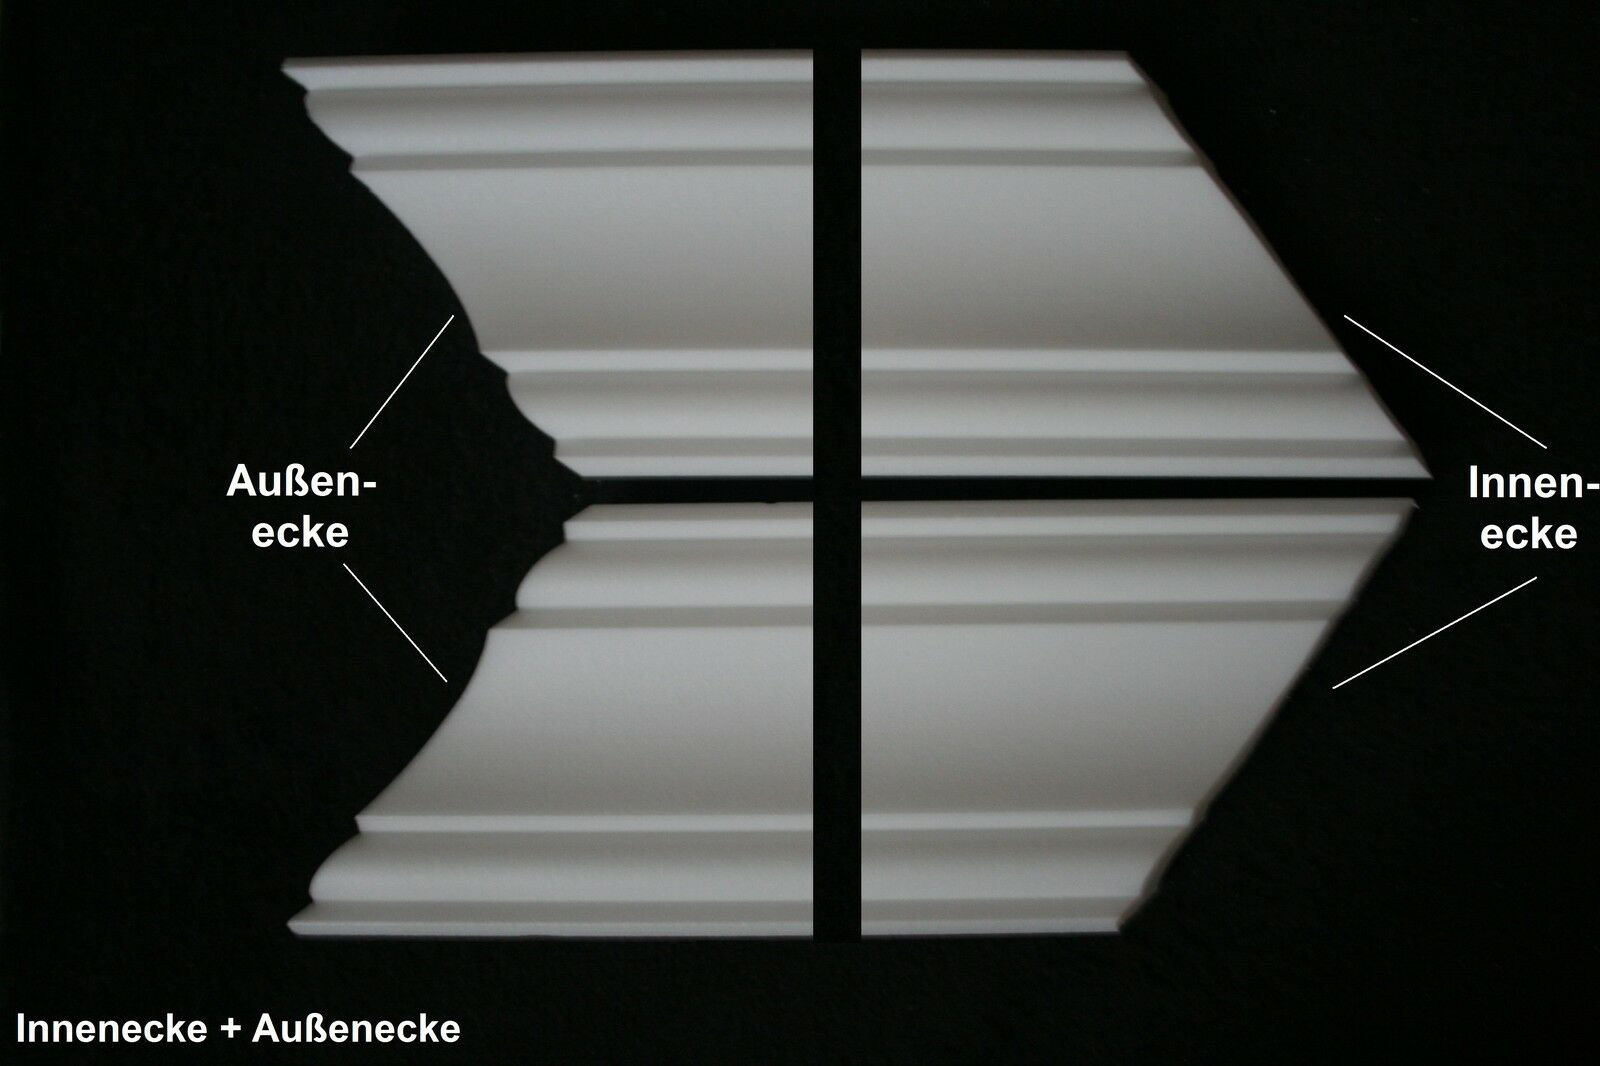 50 meter 10ecken zierprofile styroporleisten eckprofile stuck zierleisten ky50 eur 74 50. Black Bedroom Furniture Sets. Home Design Ideas